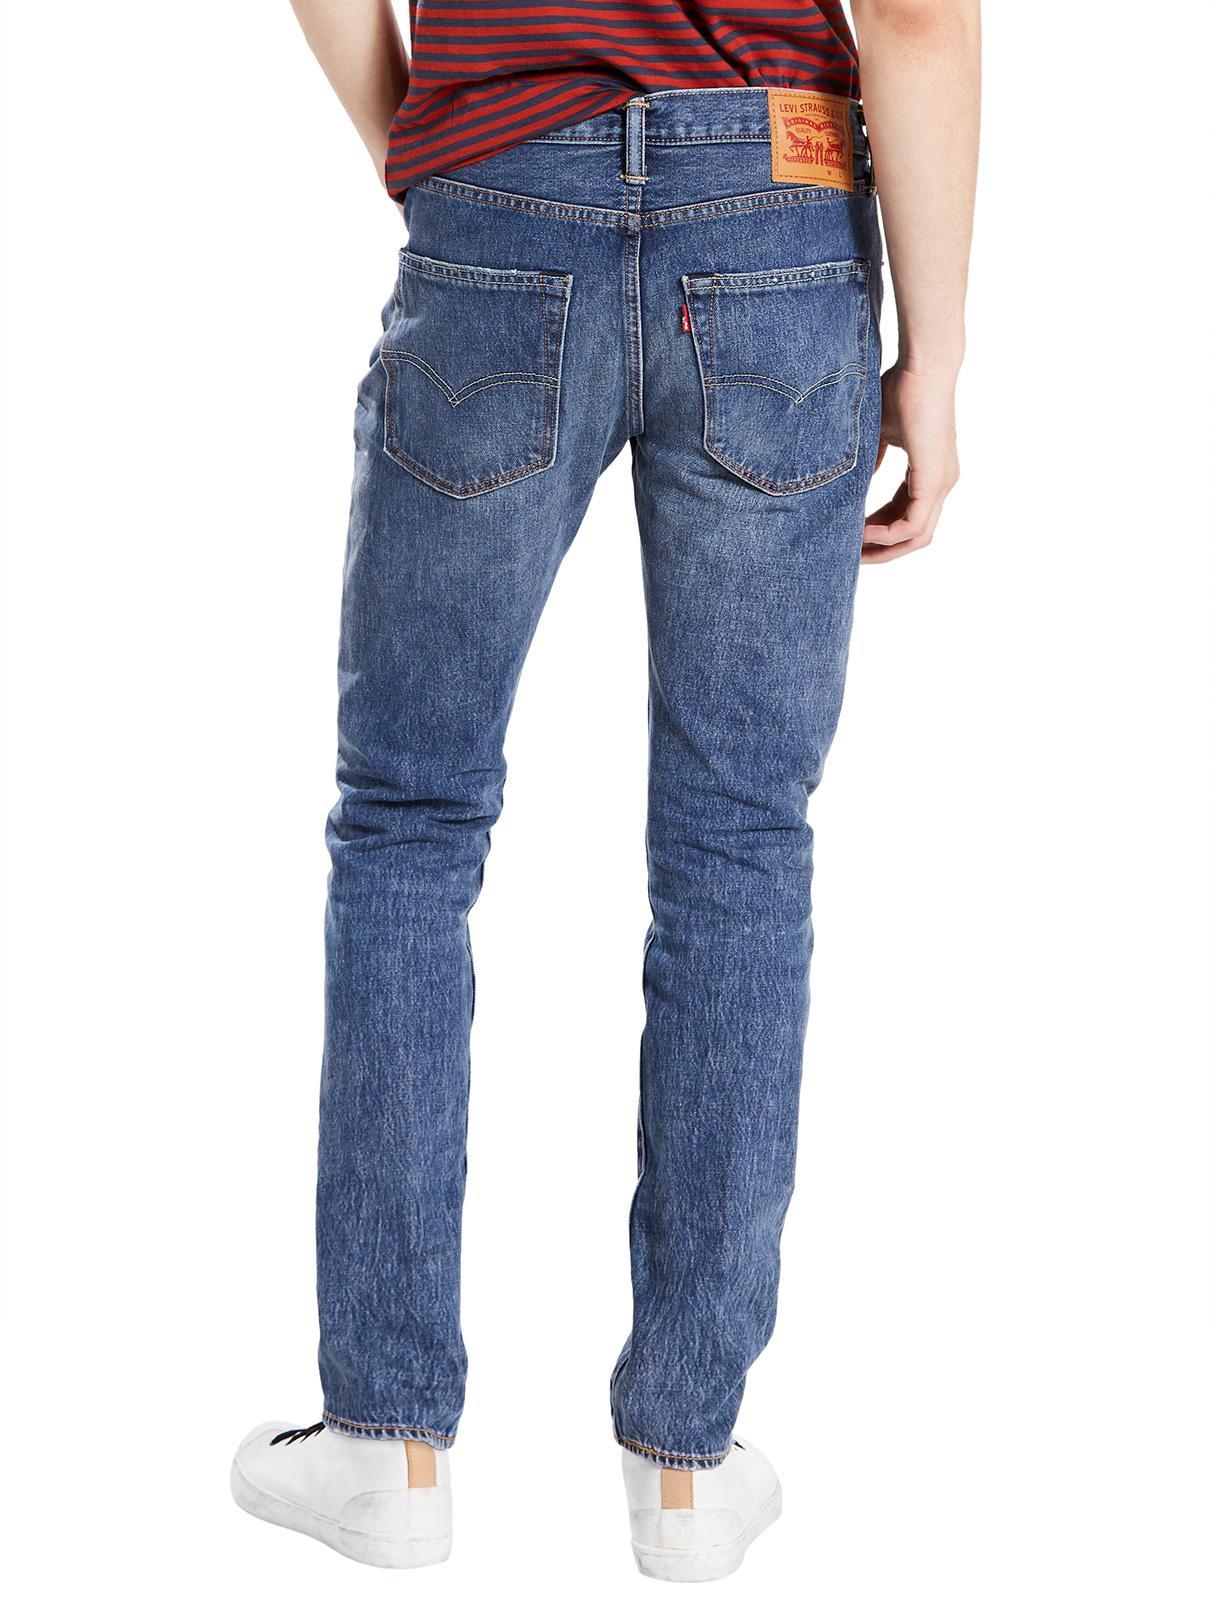 Levi's Denim Saint Mark 501 Skinny Jeans in Blue for Men